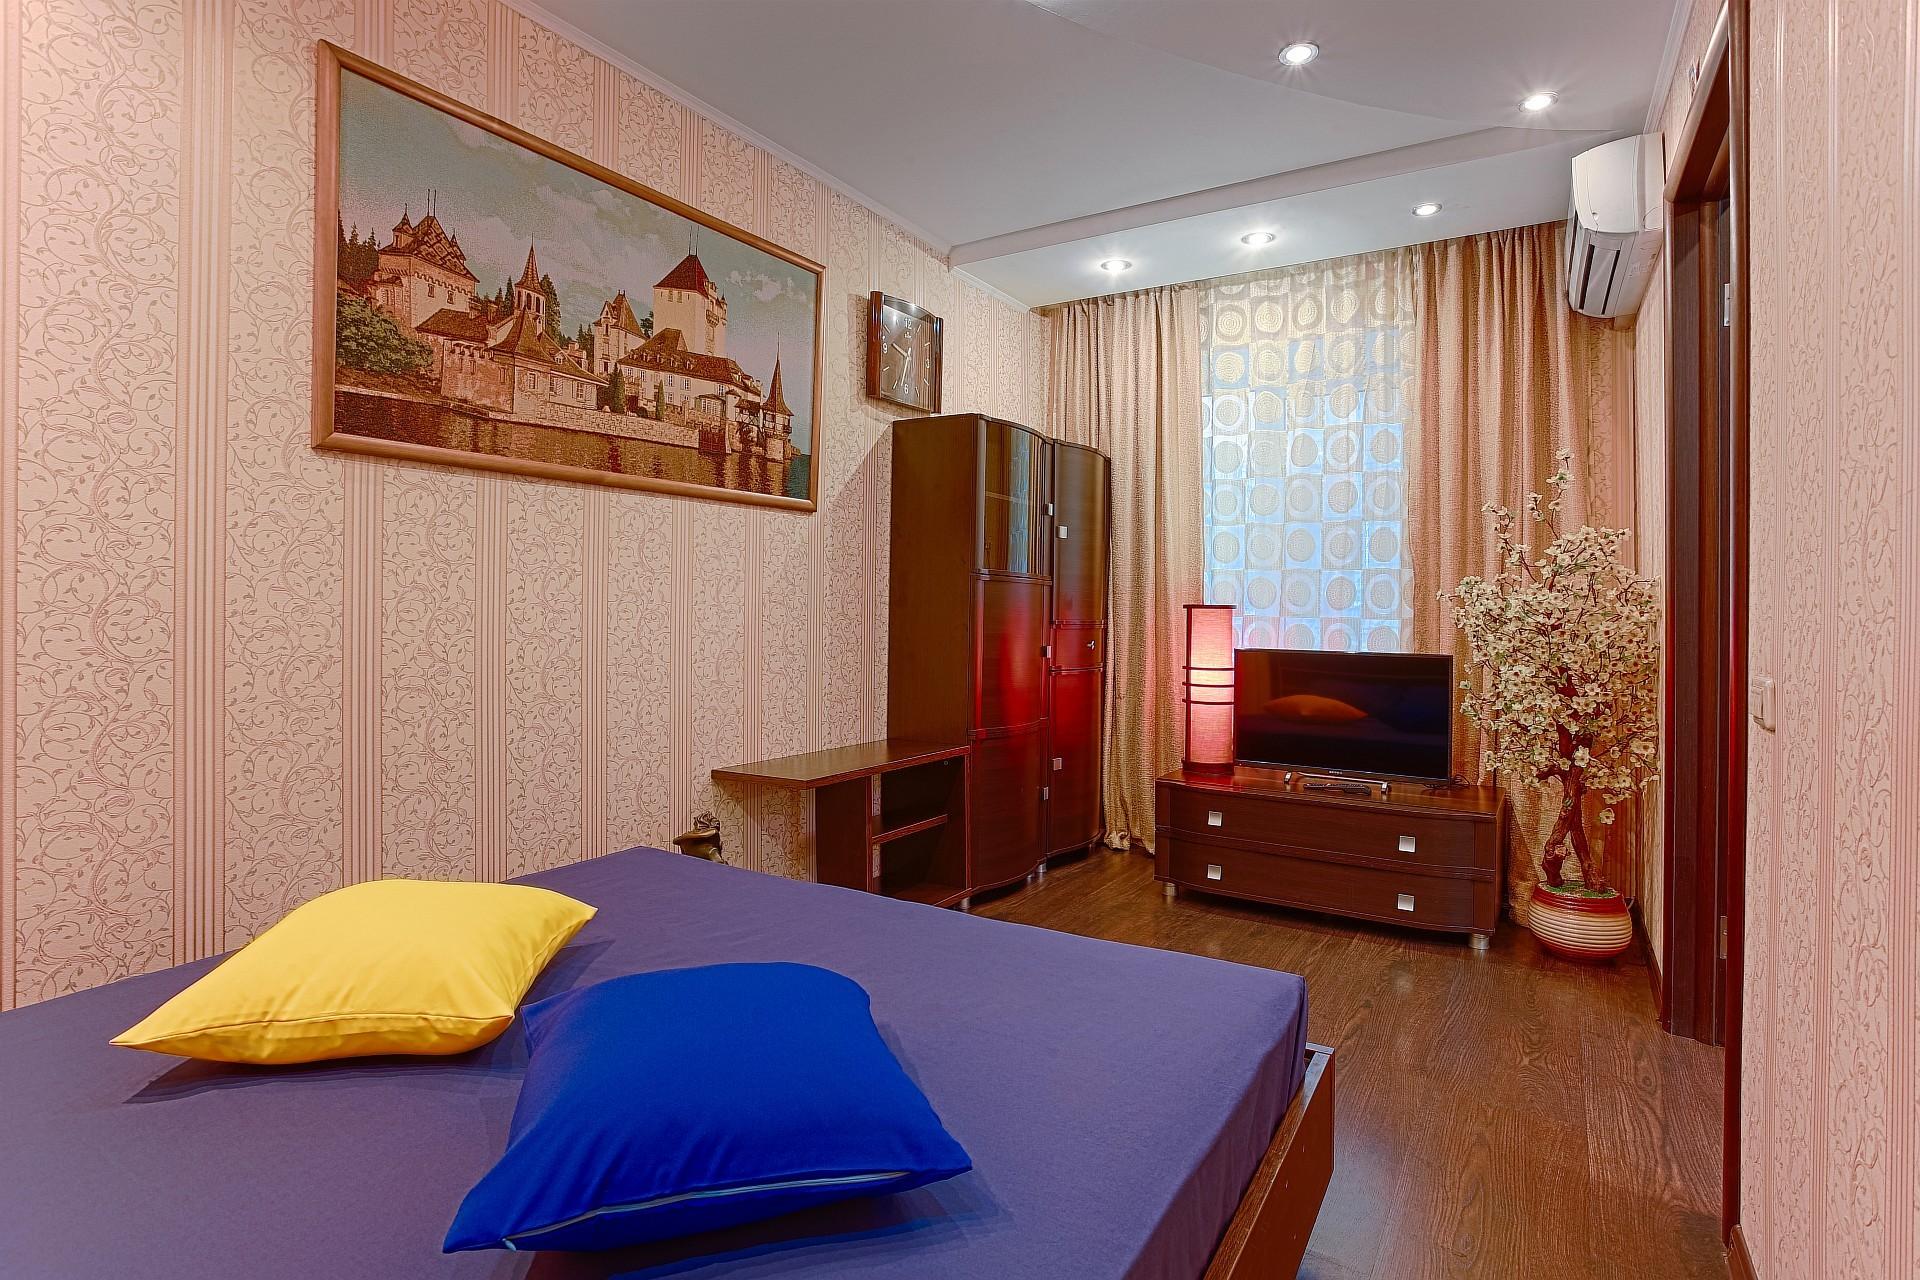 Апартаменты «9 ночей» 2к на Свердловском проспекте 71